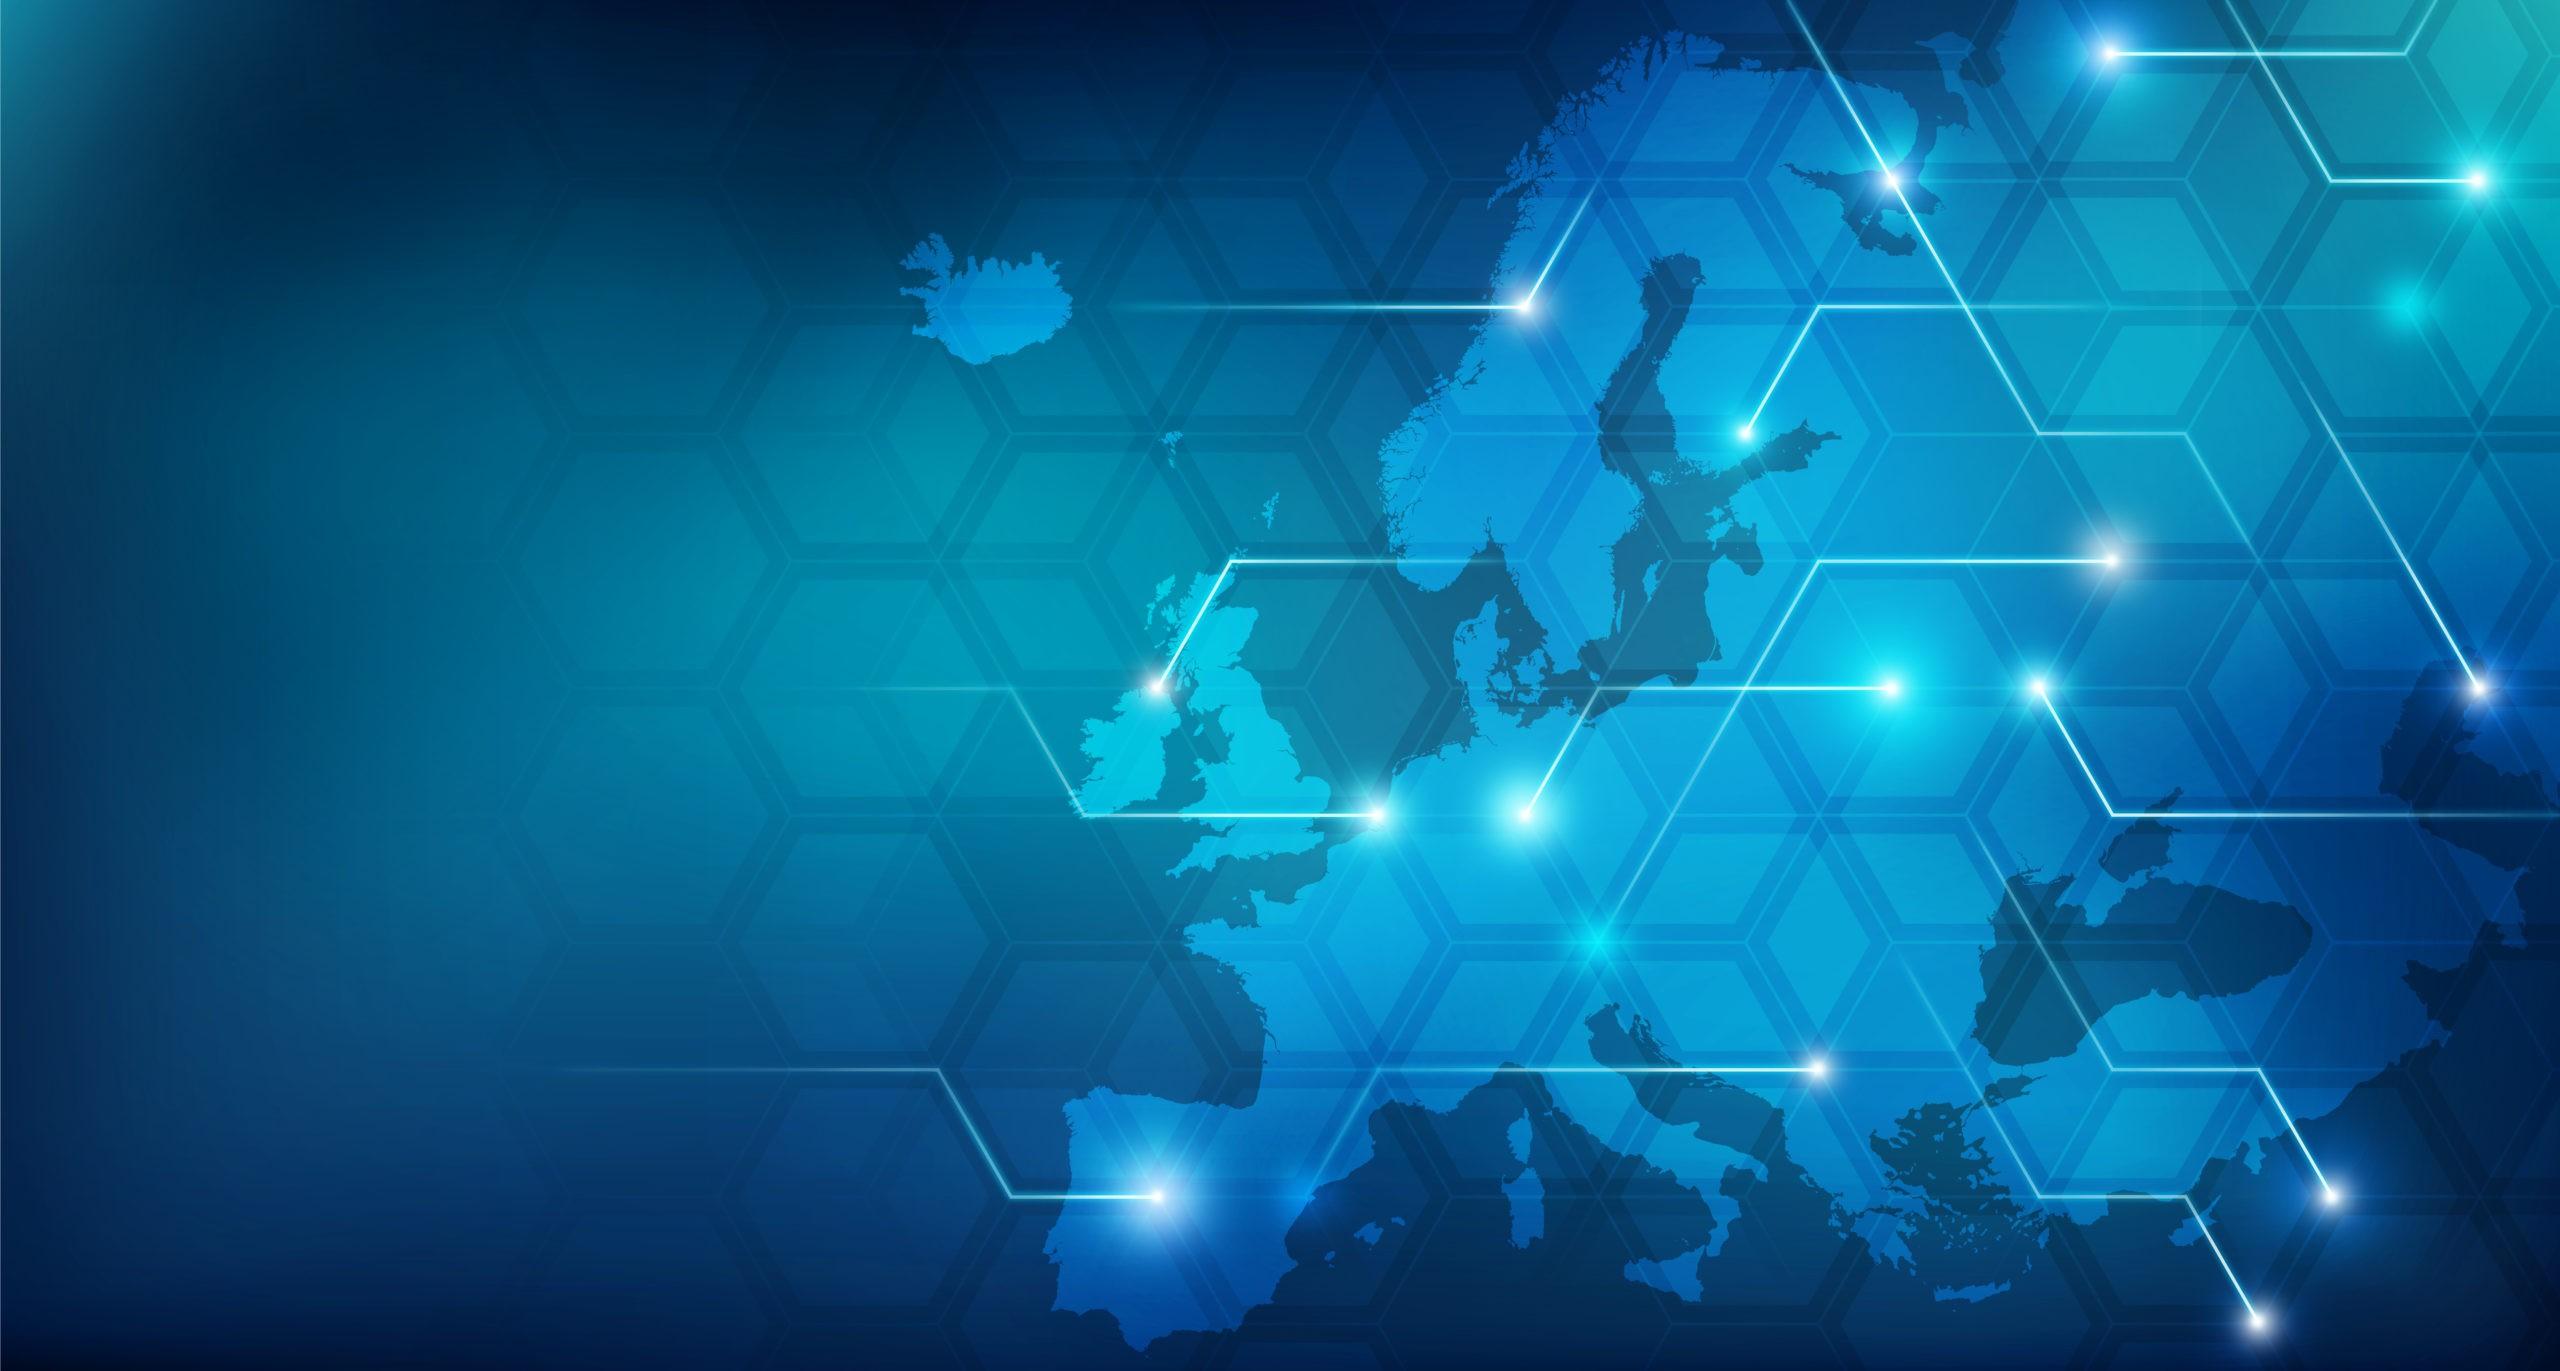 Réforme de la directive sur le commerce électronique: consultation publique de la Commission européenne – Digital Services Act